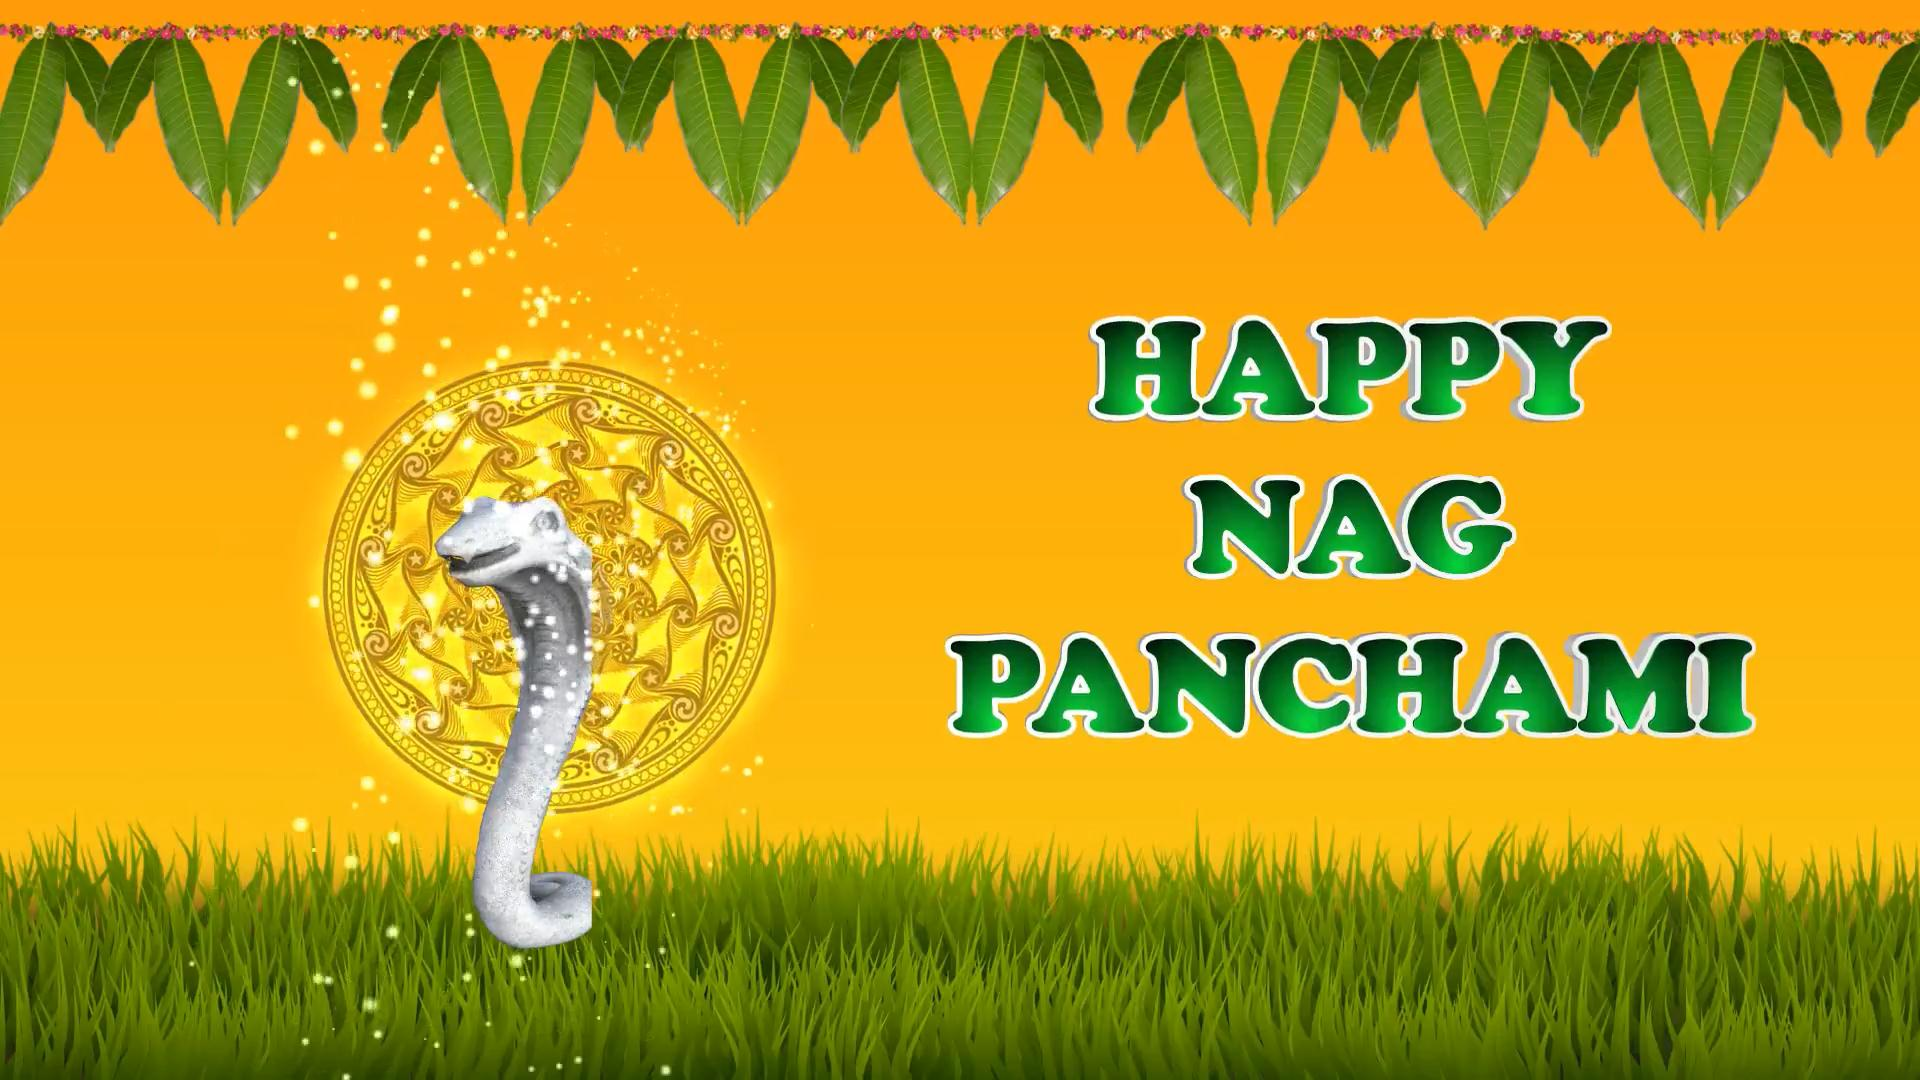 Greetings for the festival of snake God - Nag Panchami.